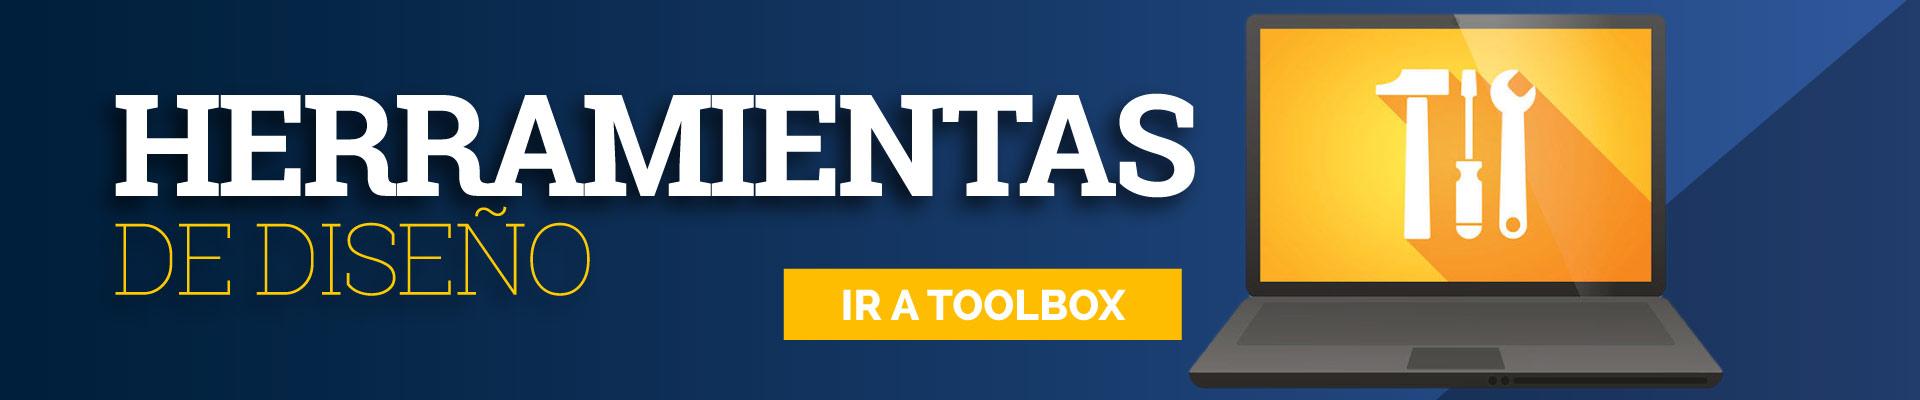 banner-herramientas-toolbox-yunfer-kaeser-aire-comprimido-industrial-puebla-tlaxcala-mexico